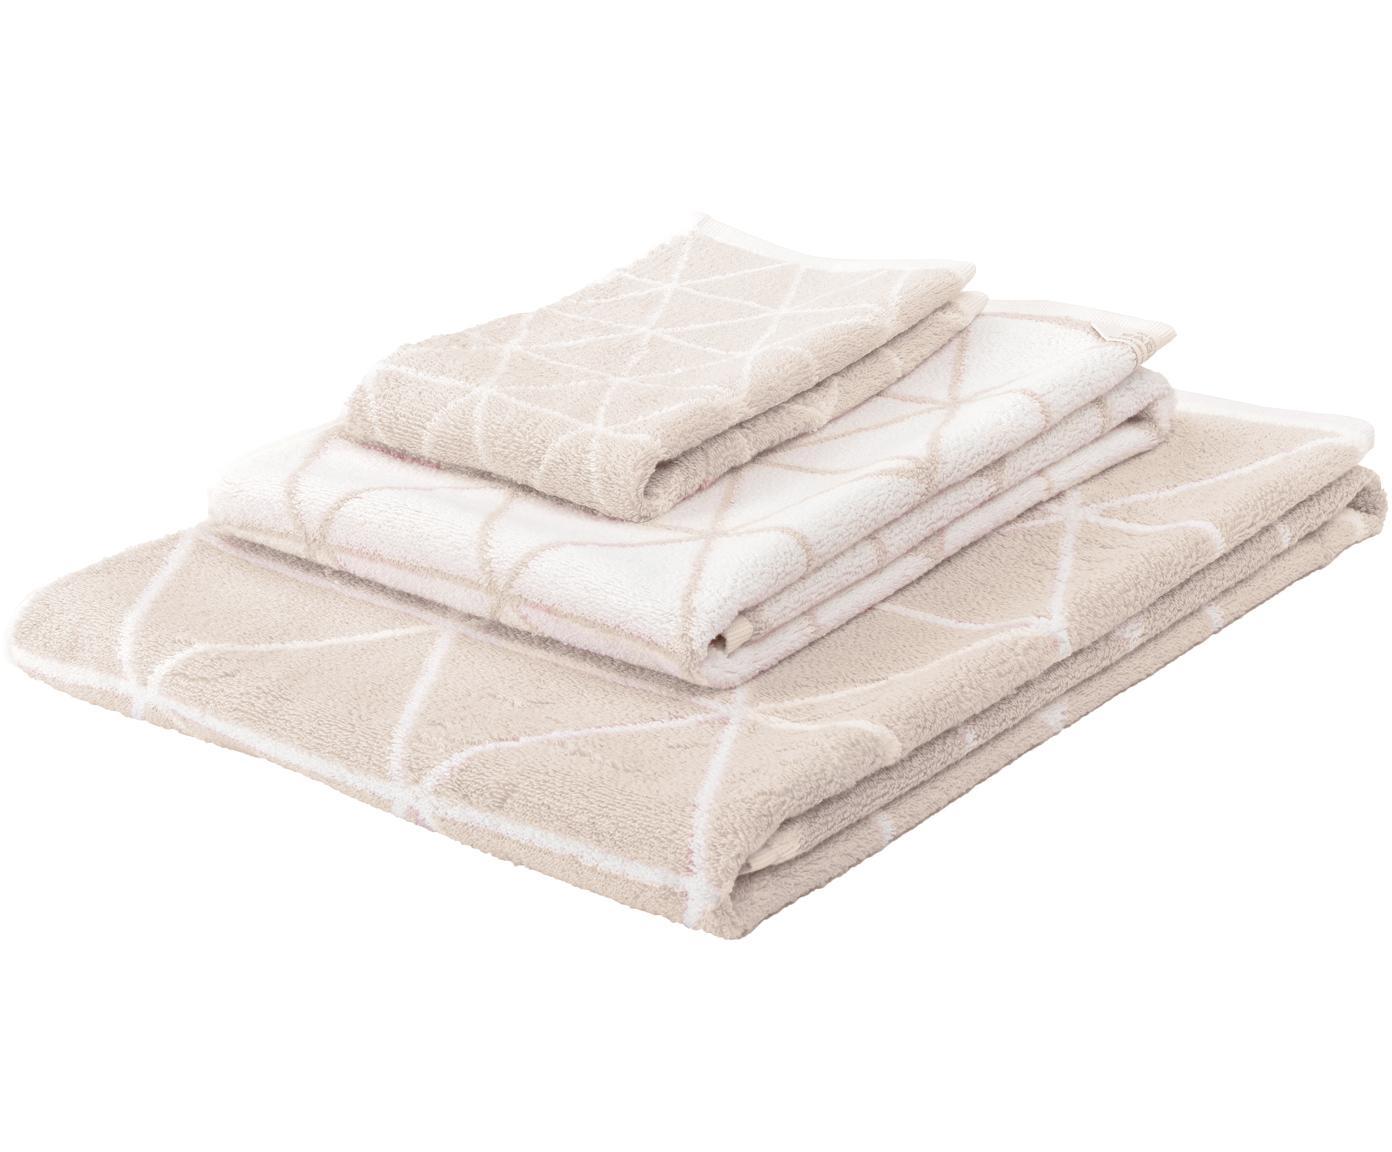 Dubbelzijdige handdoekenset Elina, 3-delig, 100% katoen, middelzware kwaliteit, 550 g/m², Zandkleurig, crèmewit, Verschillende formaten